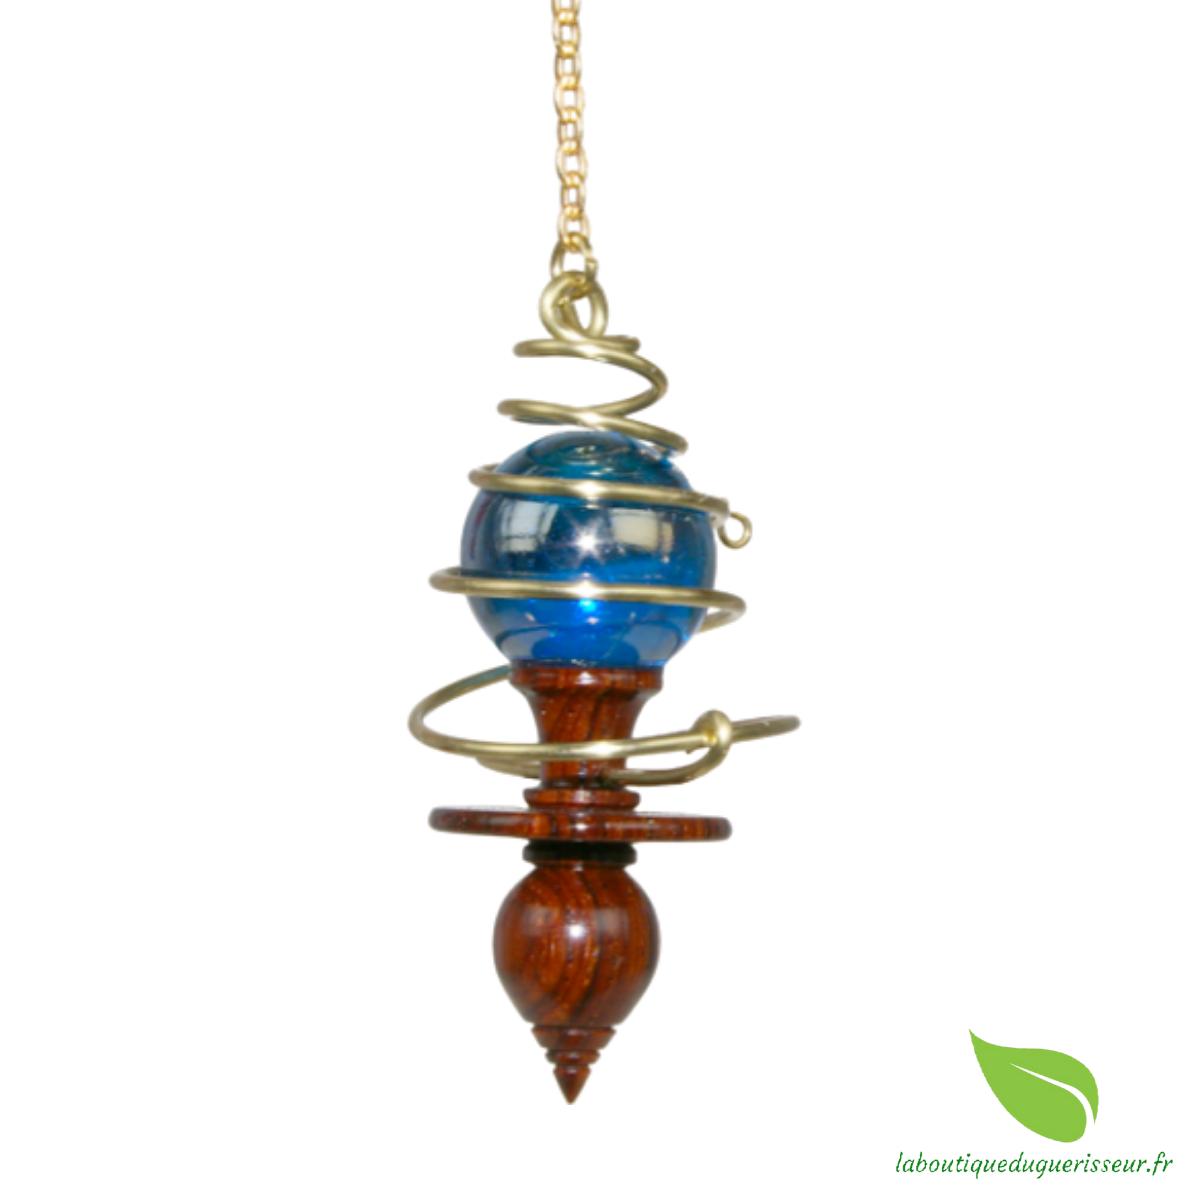 Pendule du Guérisseur Celesta (Bois Précieux exotique, laiton et sphère bleue de Murano)